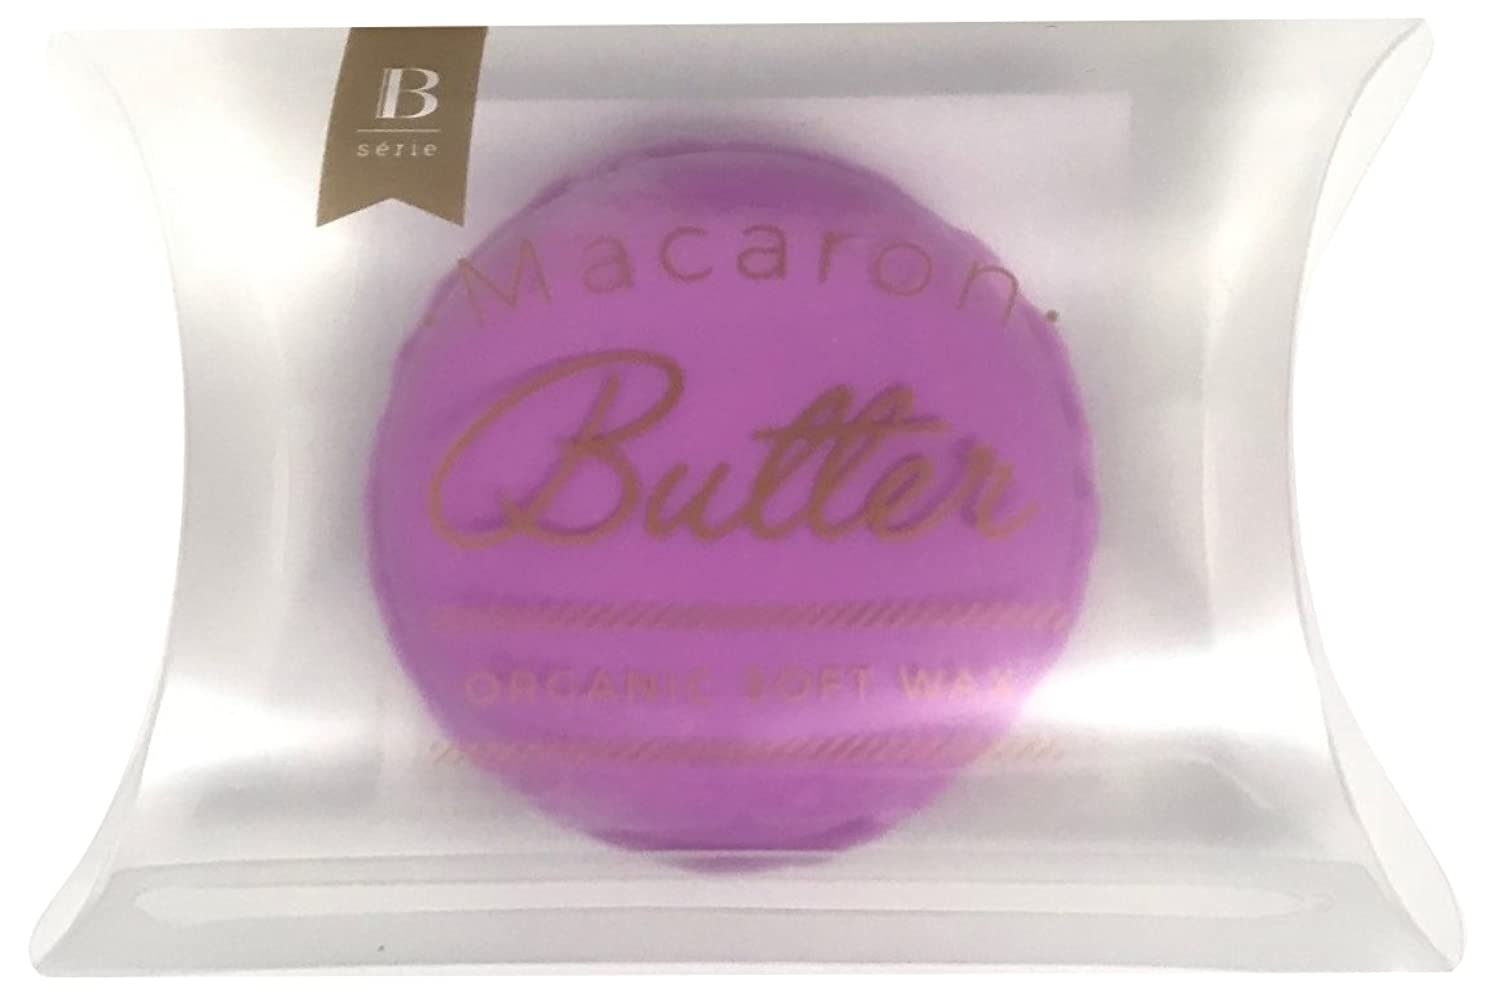 りんご柔らかいシャープビーセーリエ マカロンバター V ラベンダー & バニラ 20g